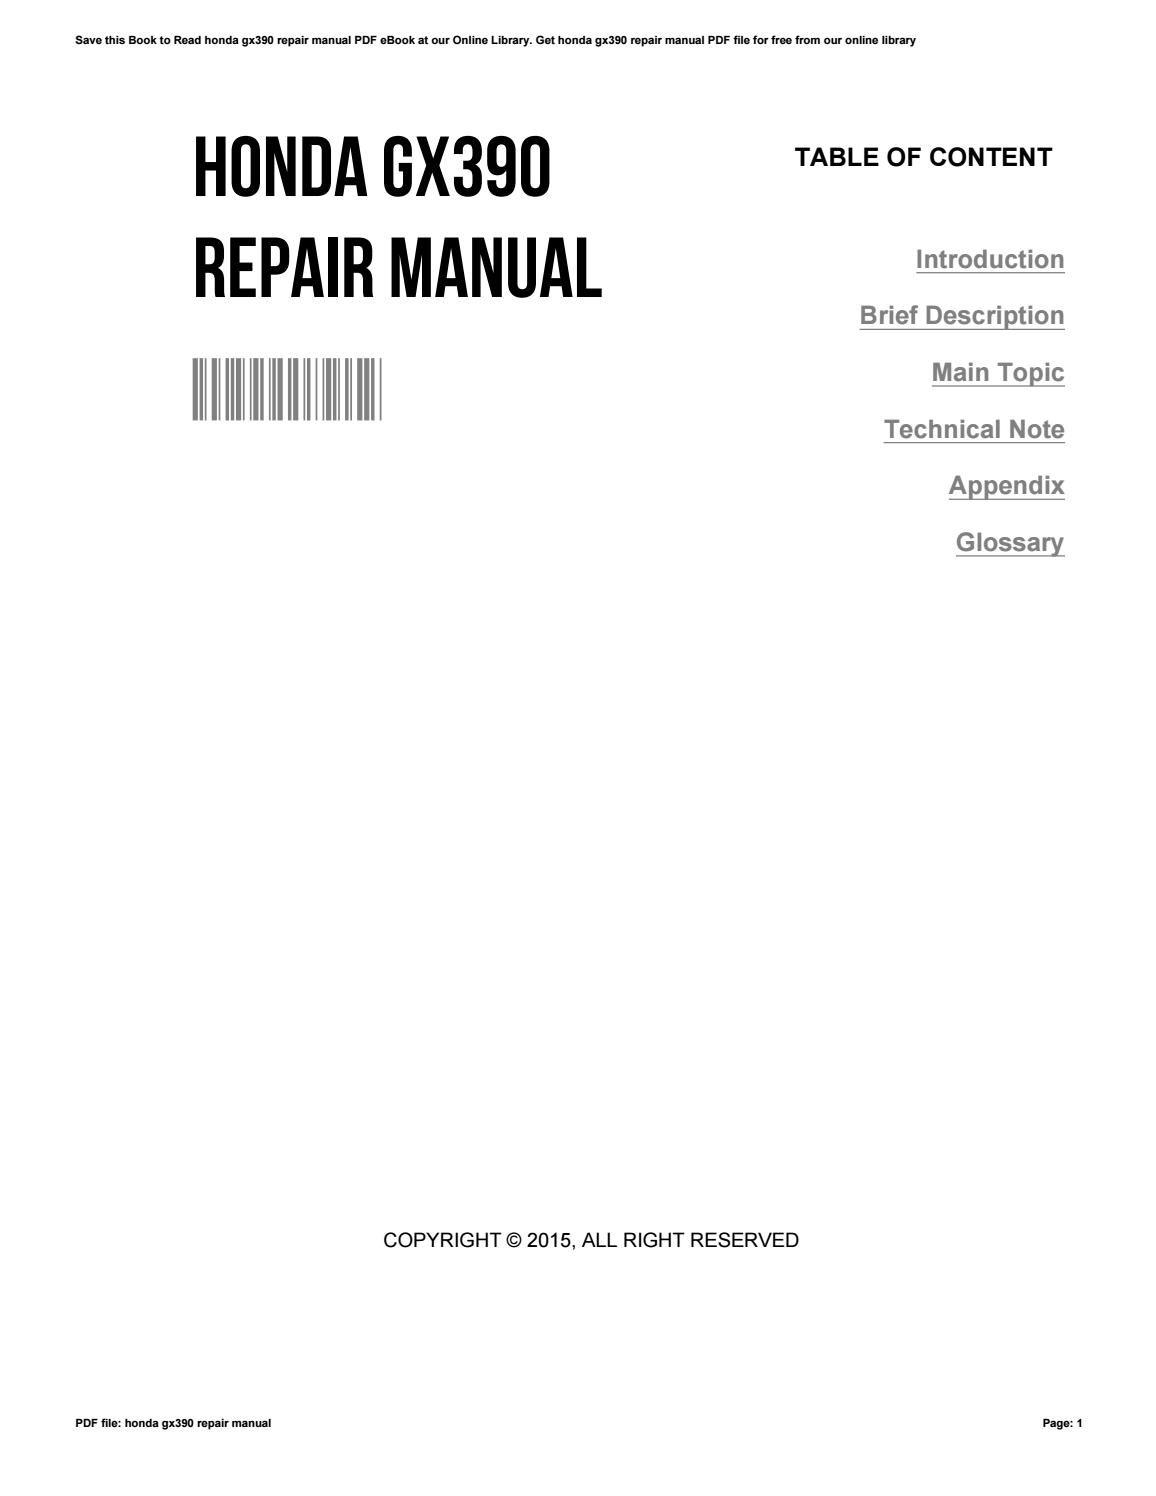 [DIAGRAM] 199nissan Pulsar Nx Wiring Diagram Manual Original